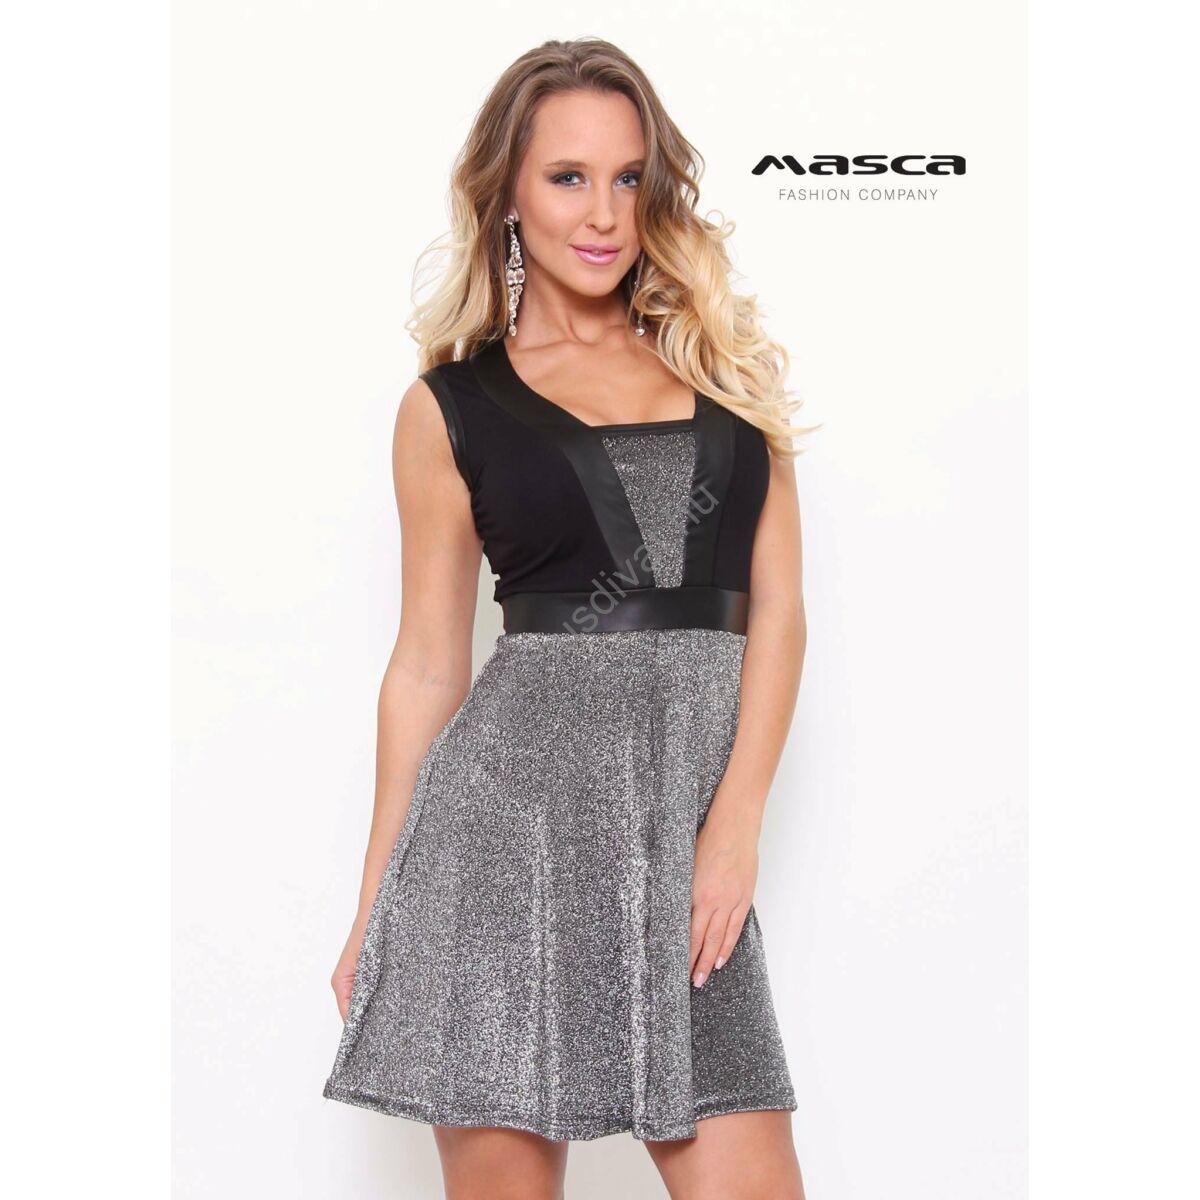 Kép 1 1 - Masca Fashion műbőr betétes dekoltázsú ujjatlan csillogó ezüst  loknis alkalmi miniruha 45b857eb3e